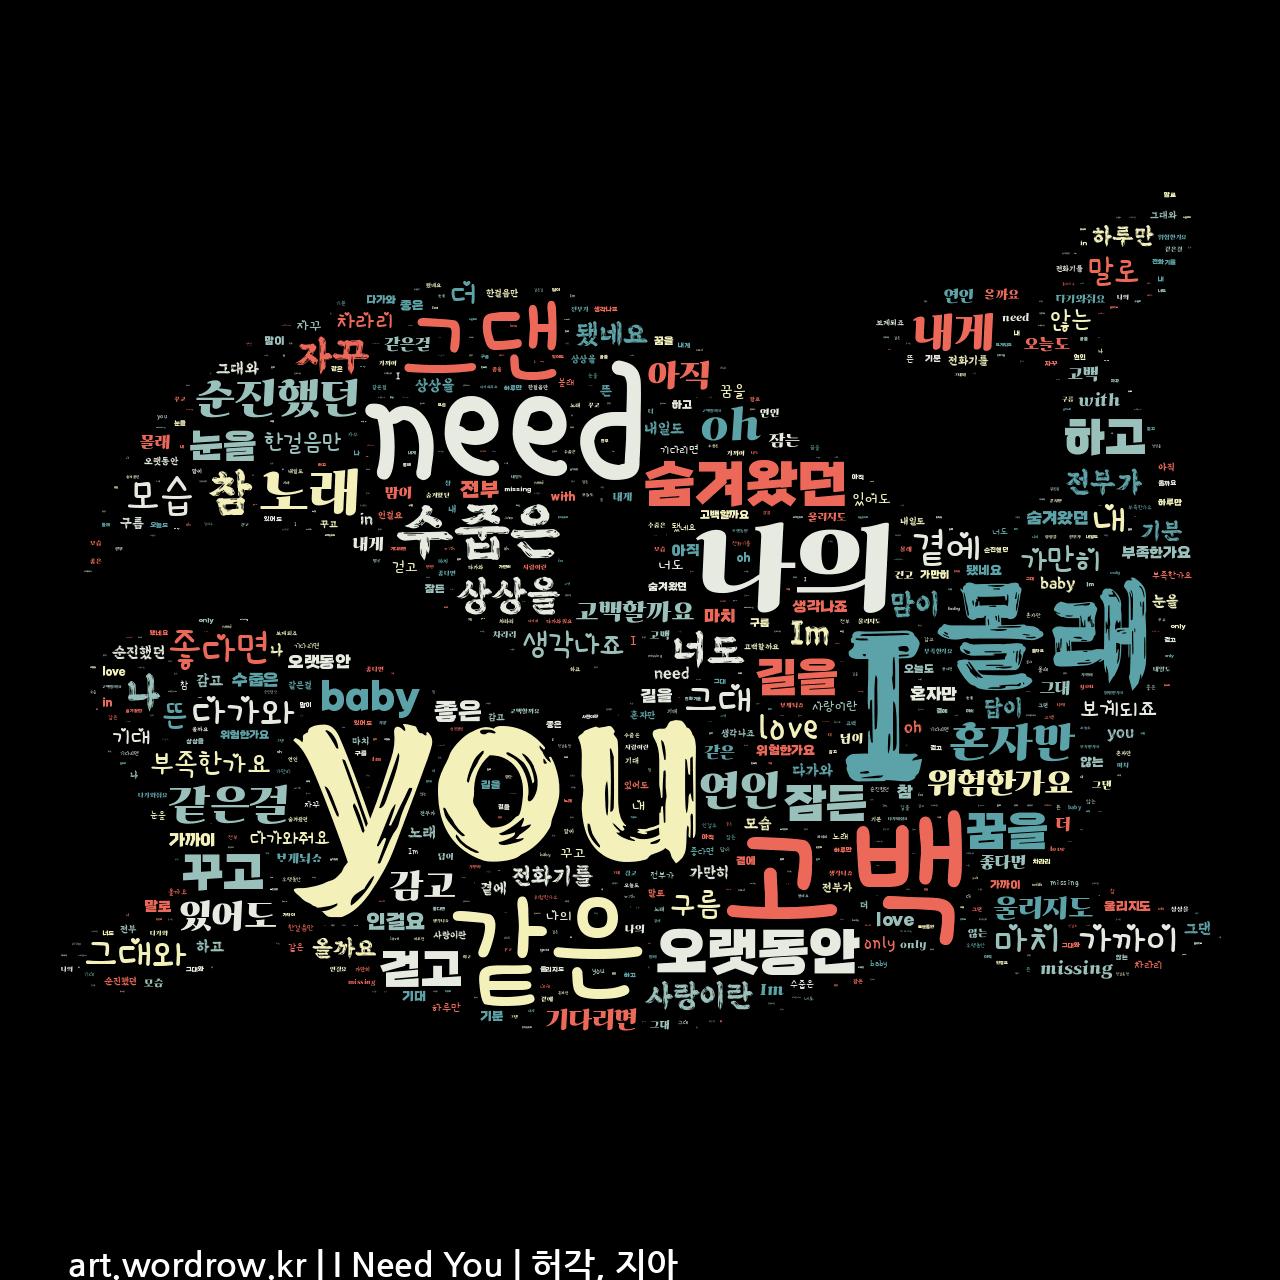 워드 아트: I Need You [허각, 지아]-75